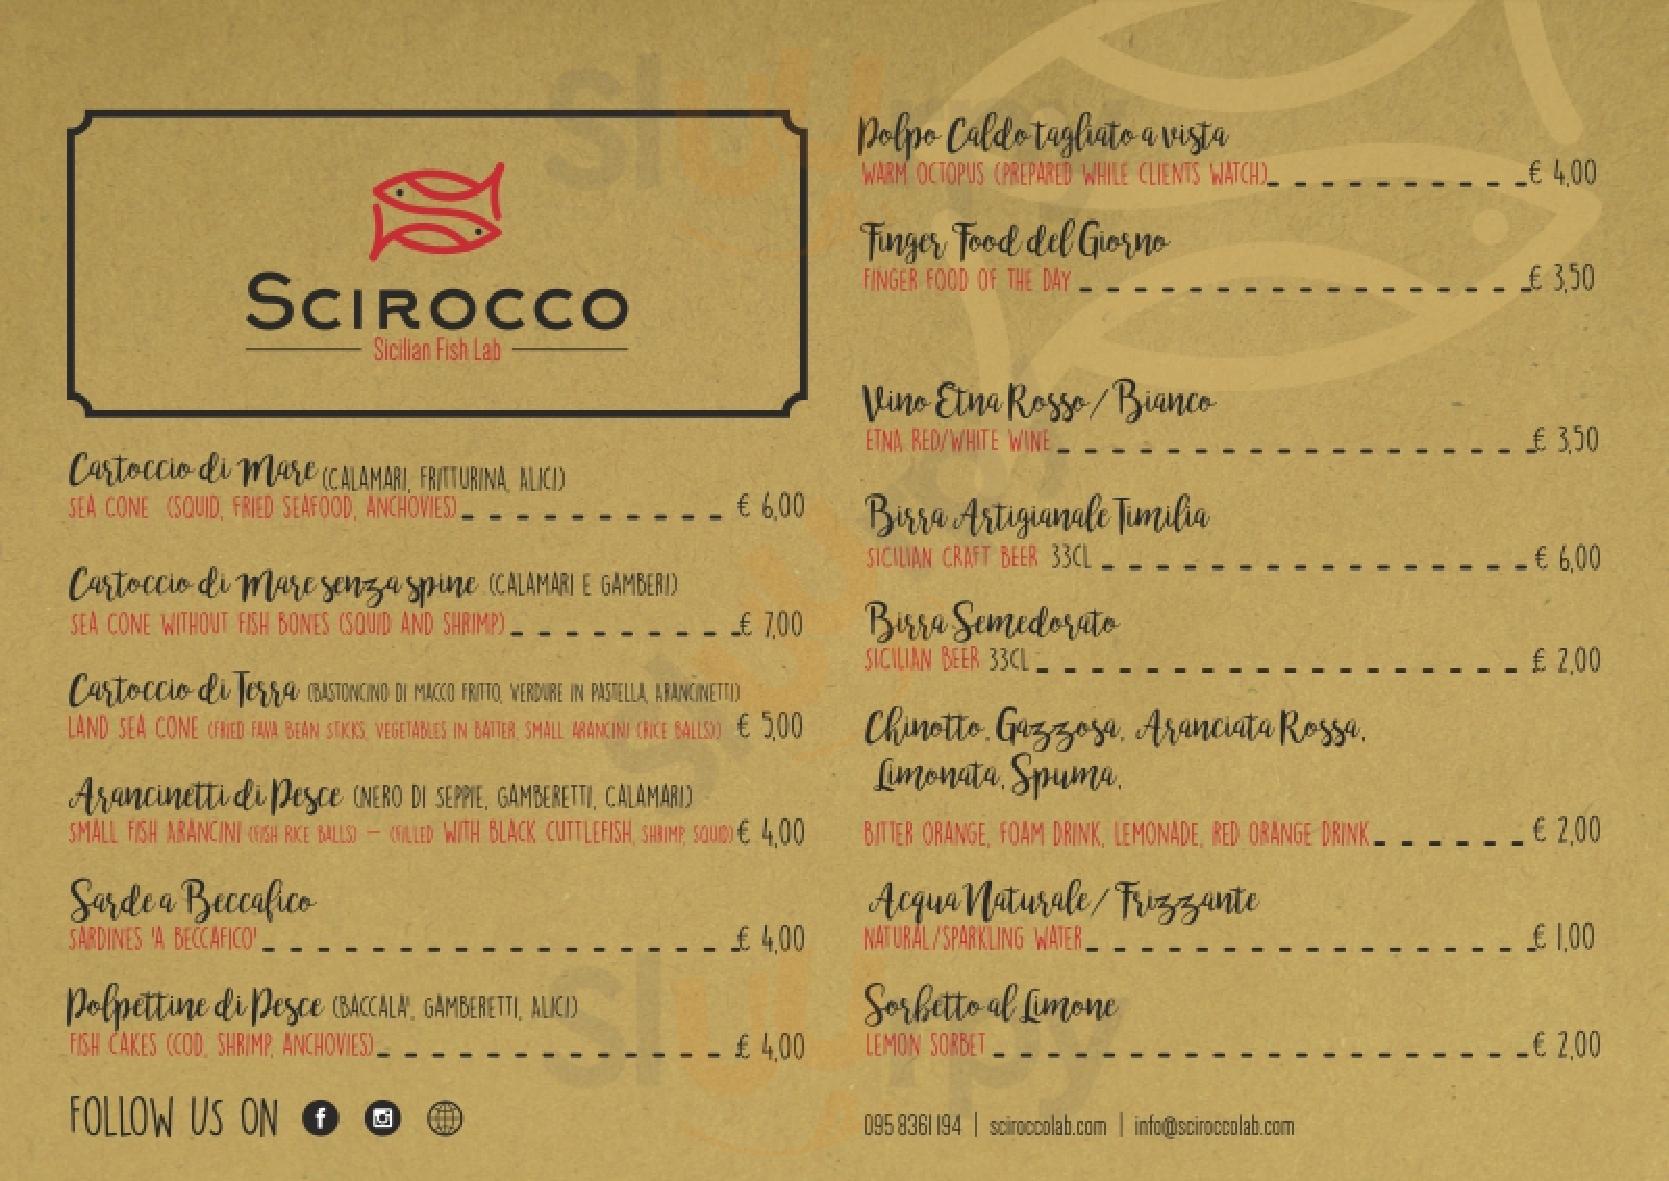 Scirocco Sicilian Fish Lab Catania menù 1 pagina